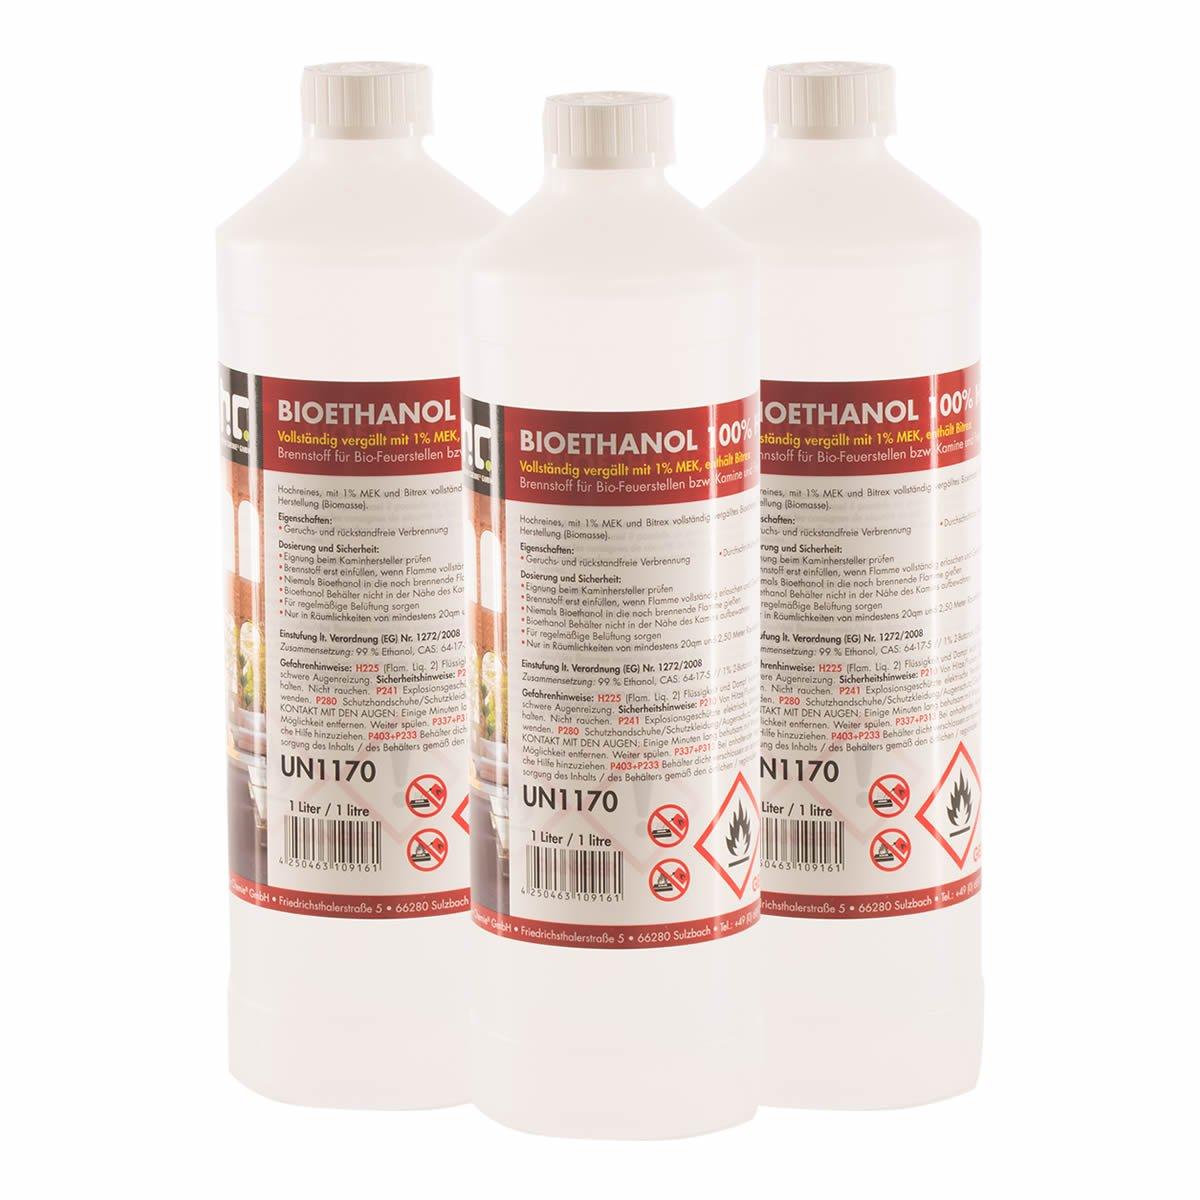 Höfer Chemie 15 L Bioethanol 100% Premium (15 x 1 L) für Ethanol Kamin, Ethanol Feuerstelle, Ethanol Tischfeuer und Bioethanol Kamin Höfer Chemie GmbH